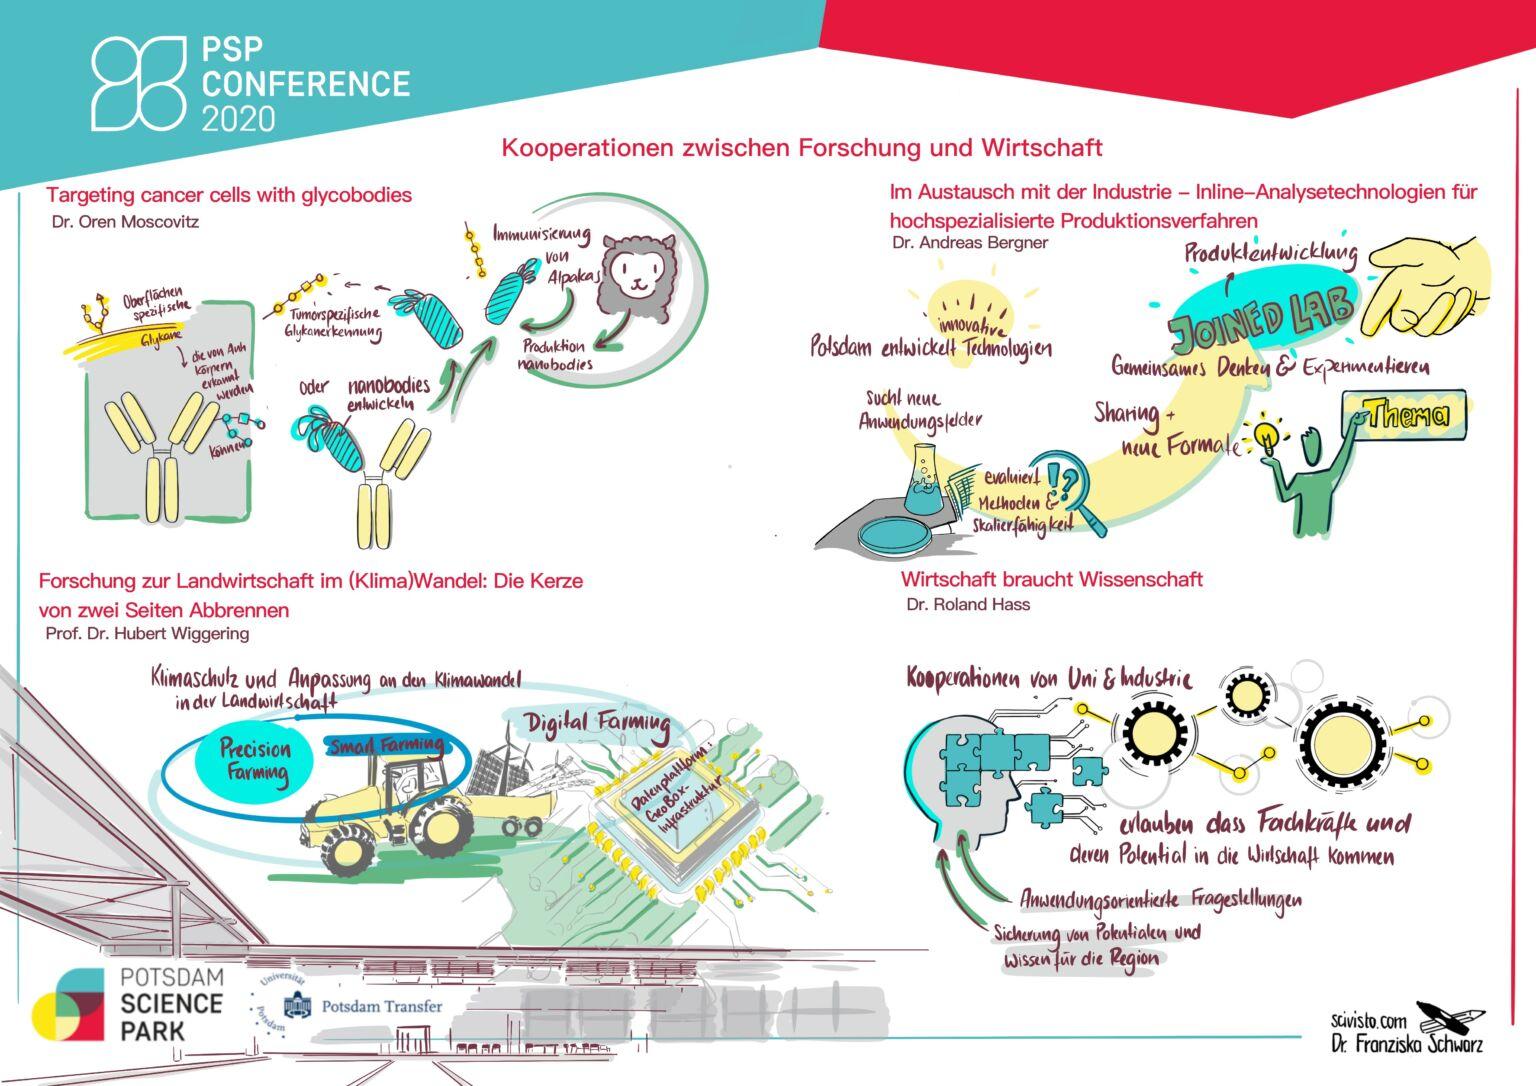 PSP Conference 2020 - Kooperationen zwischen Forschung und Wirtschaft, Graphic Recording